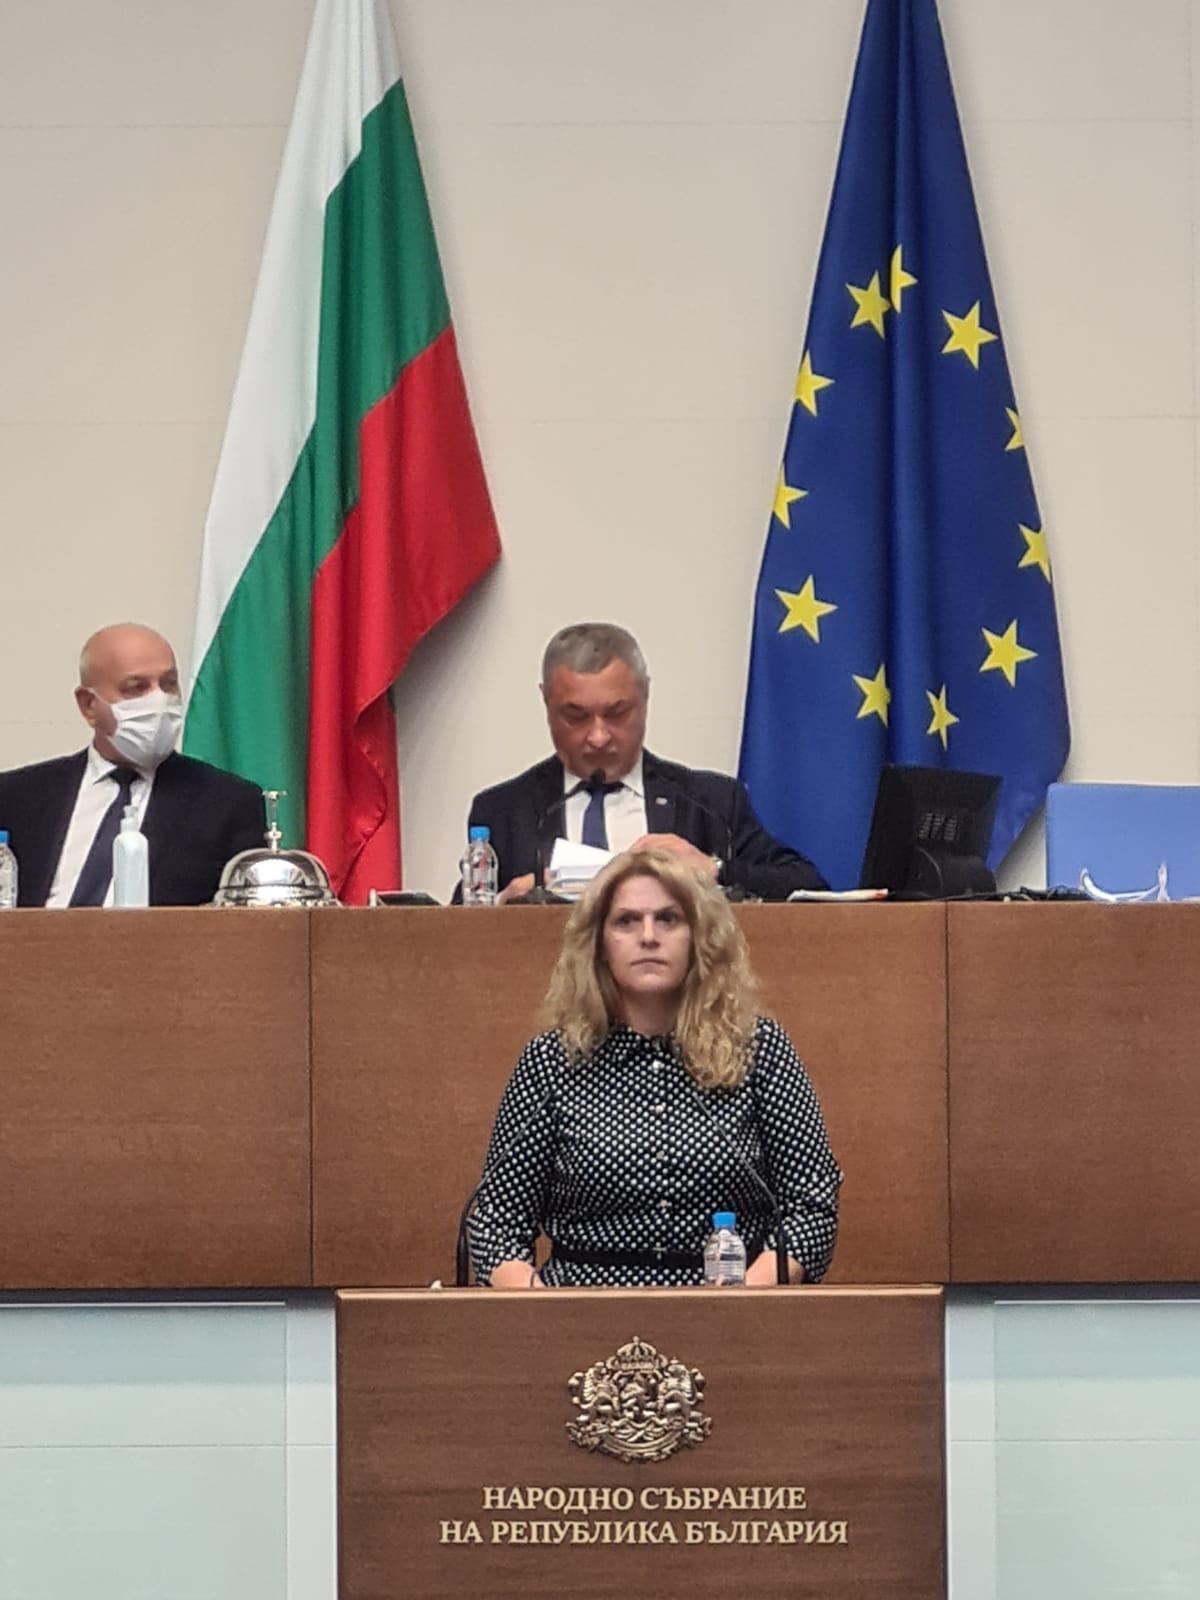 Мария Белова: Приемането на Закона за виното и спиртните напитки е по препоръка на Европейската комисия